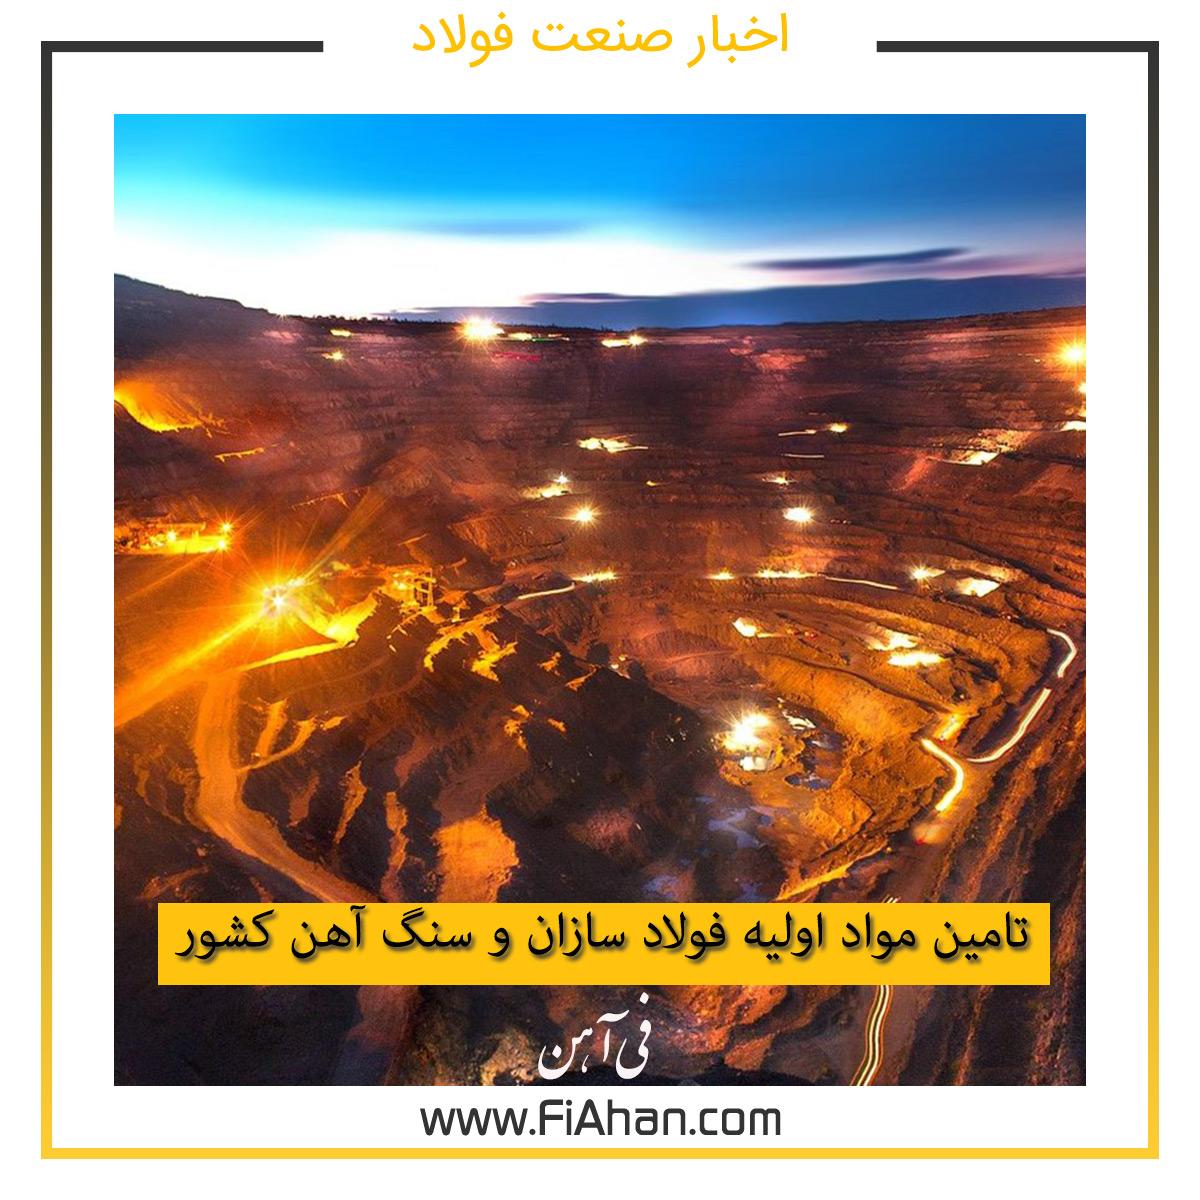 تامین مواد اولیه فولاد سازان و سنگ آهن کشور